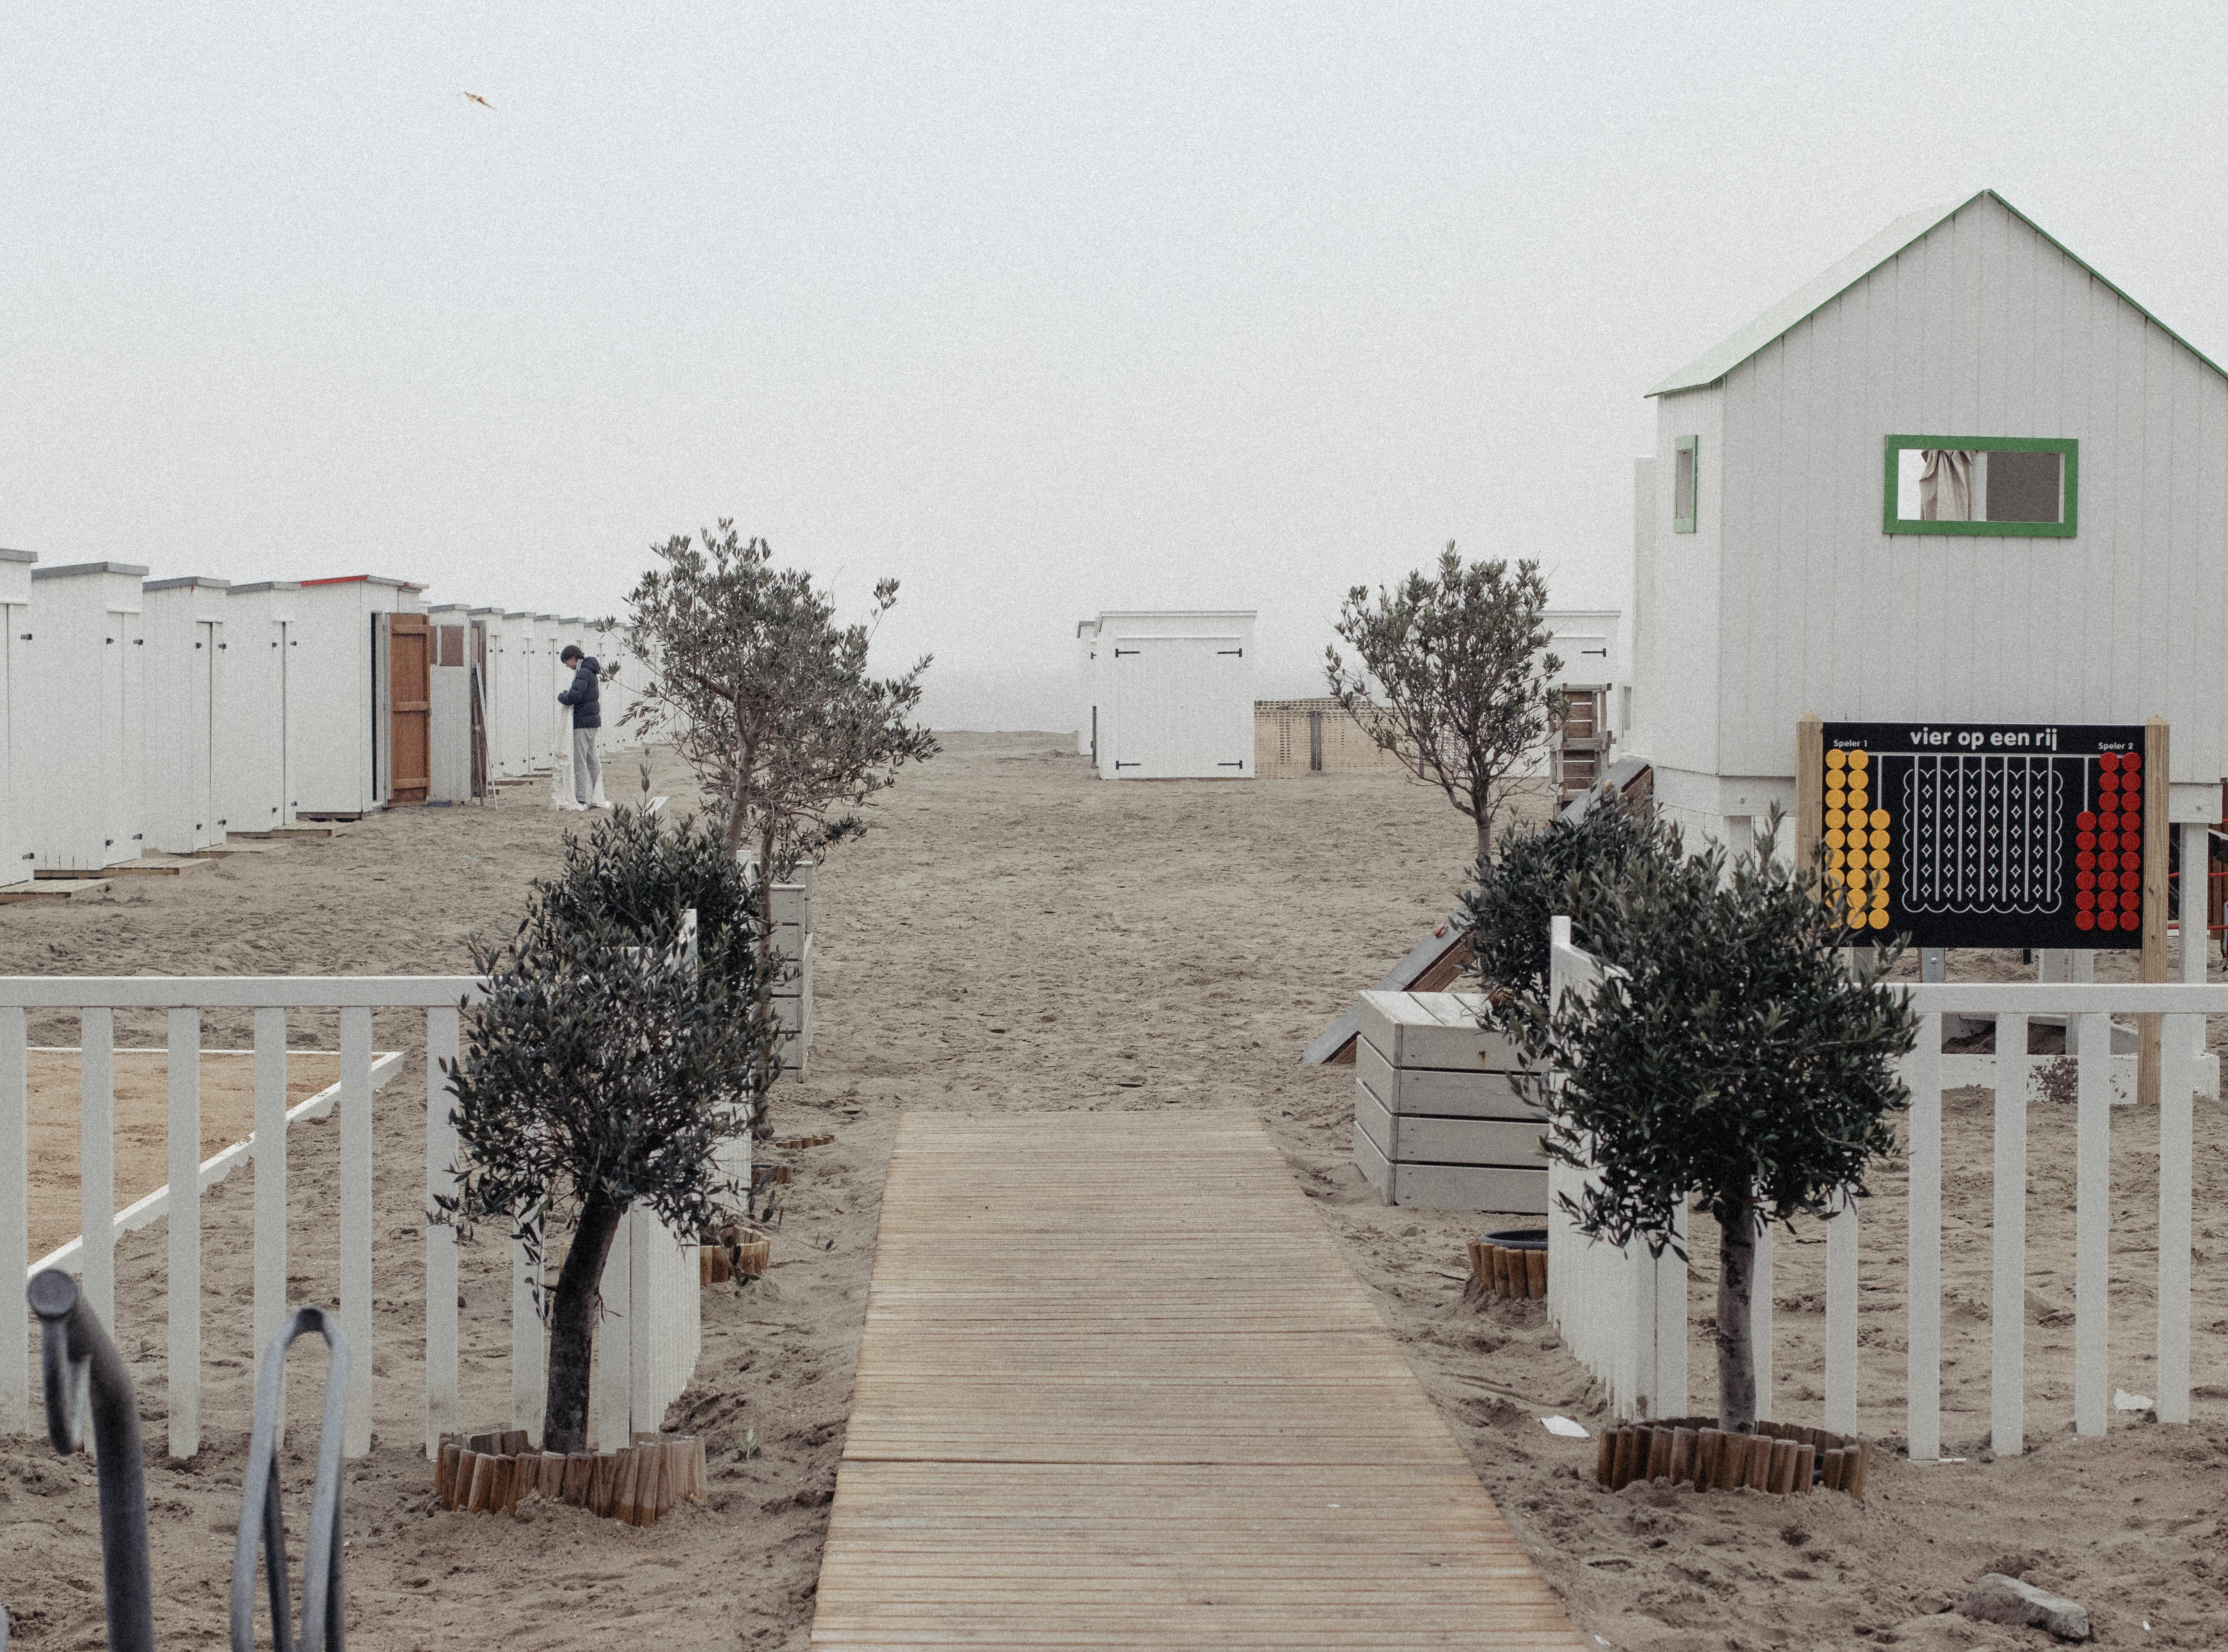 Plage de Knokke in Knokke-Heist, Belgium